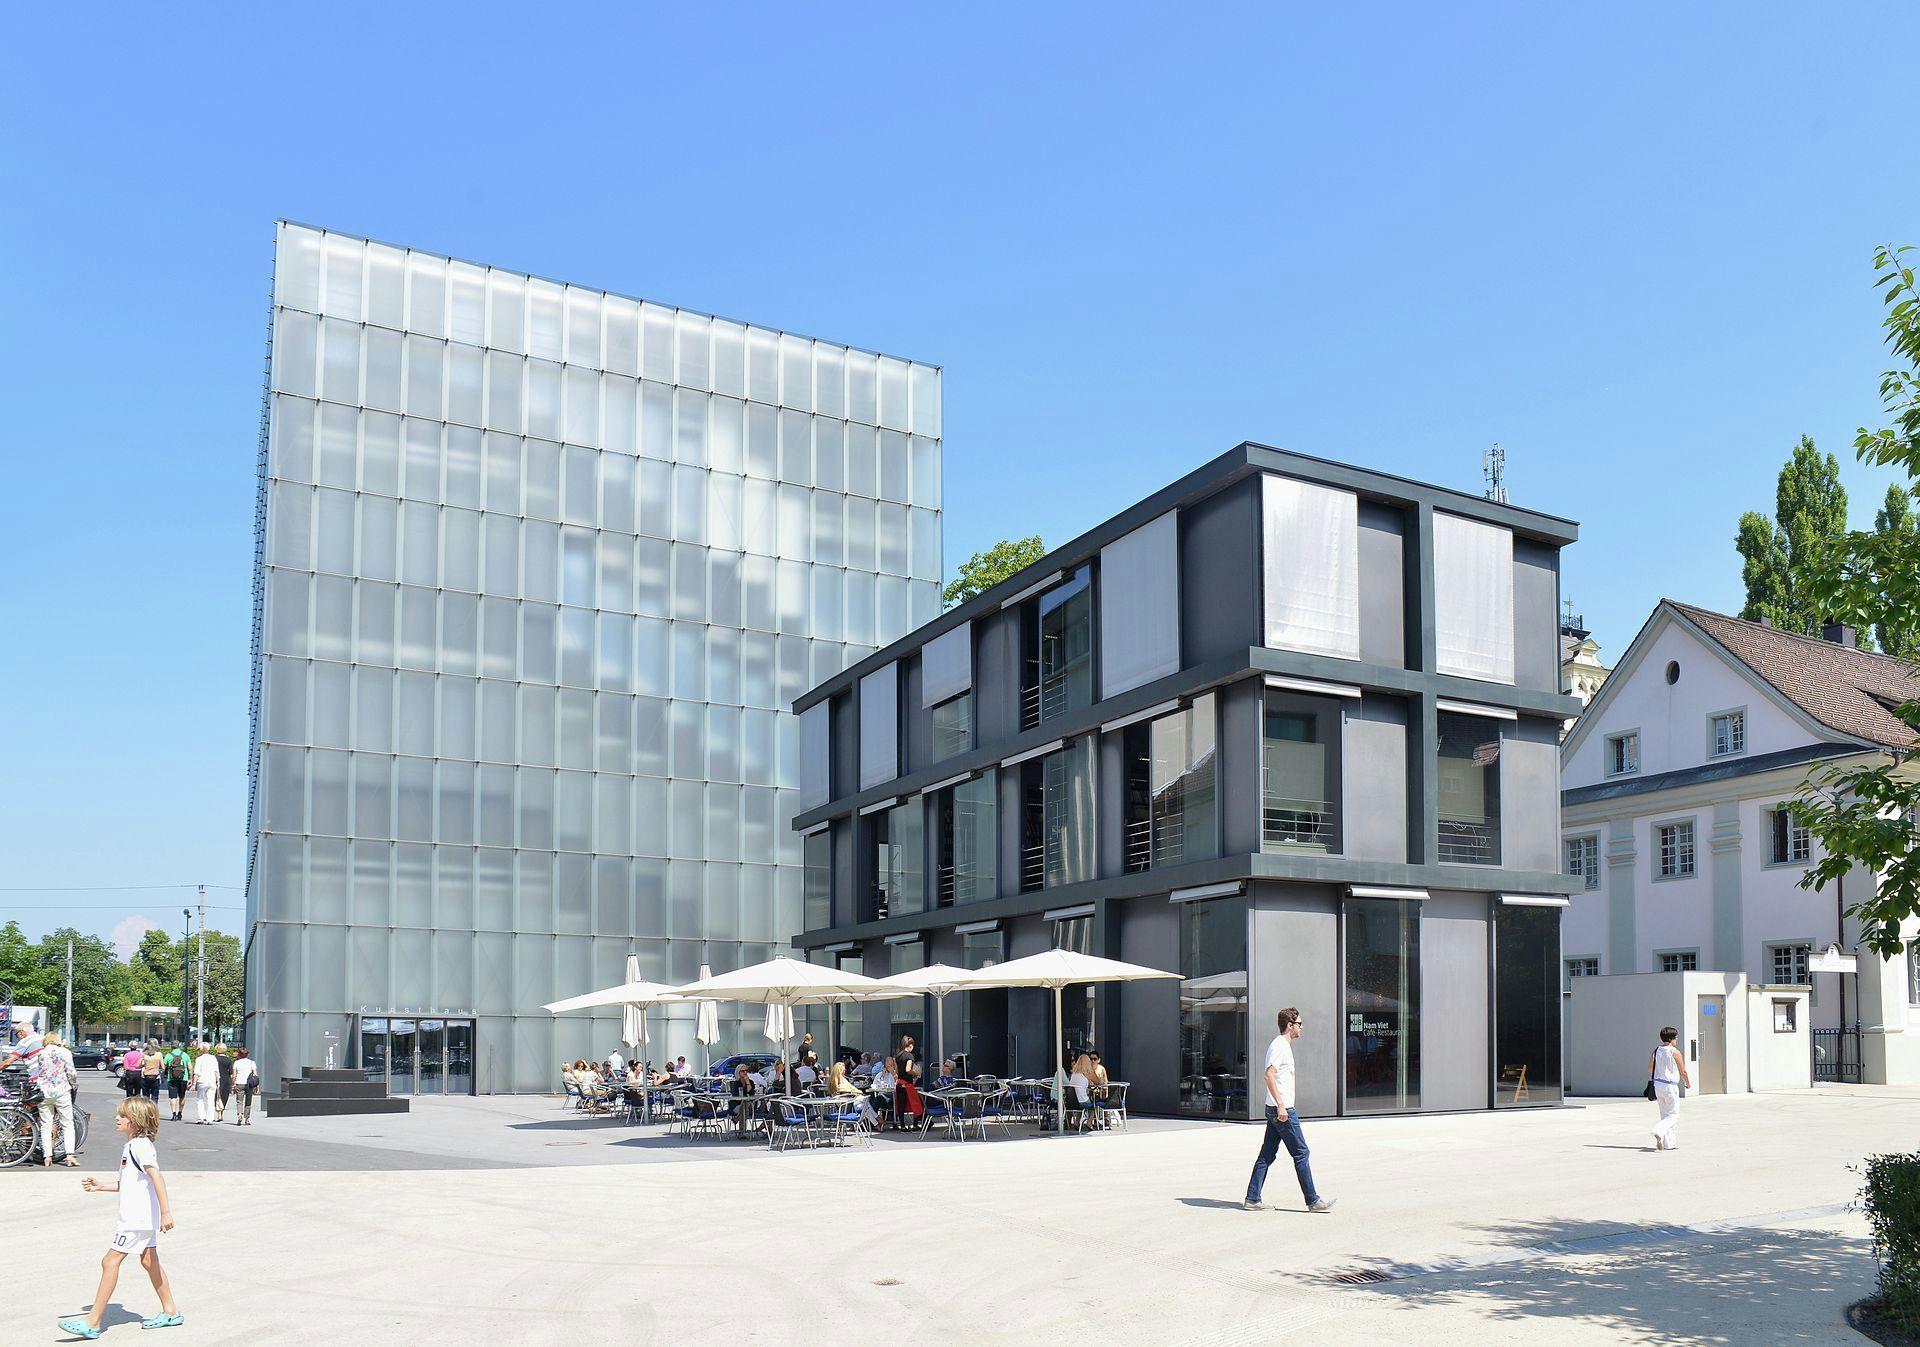 Kunsthaus Bregenz Peter Zumthor Museum